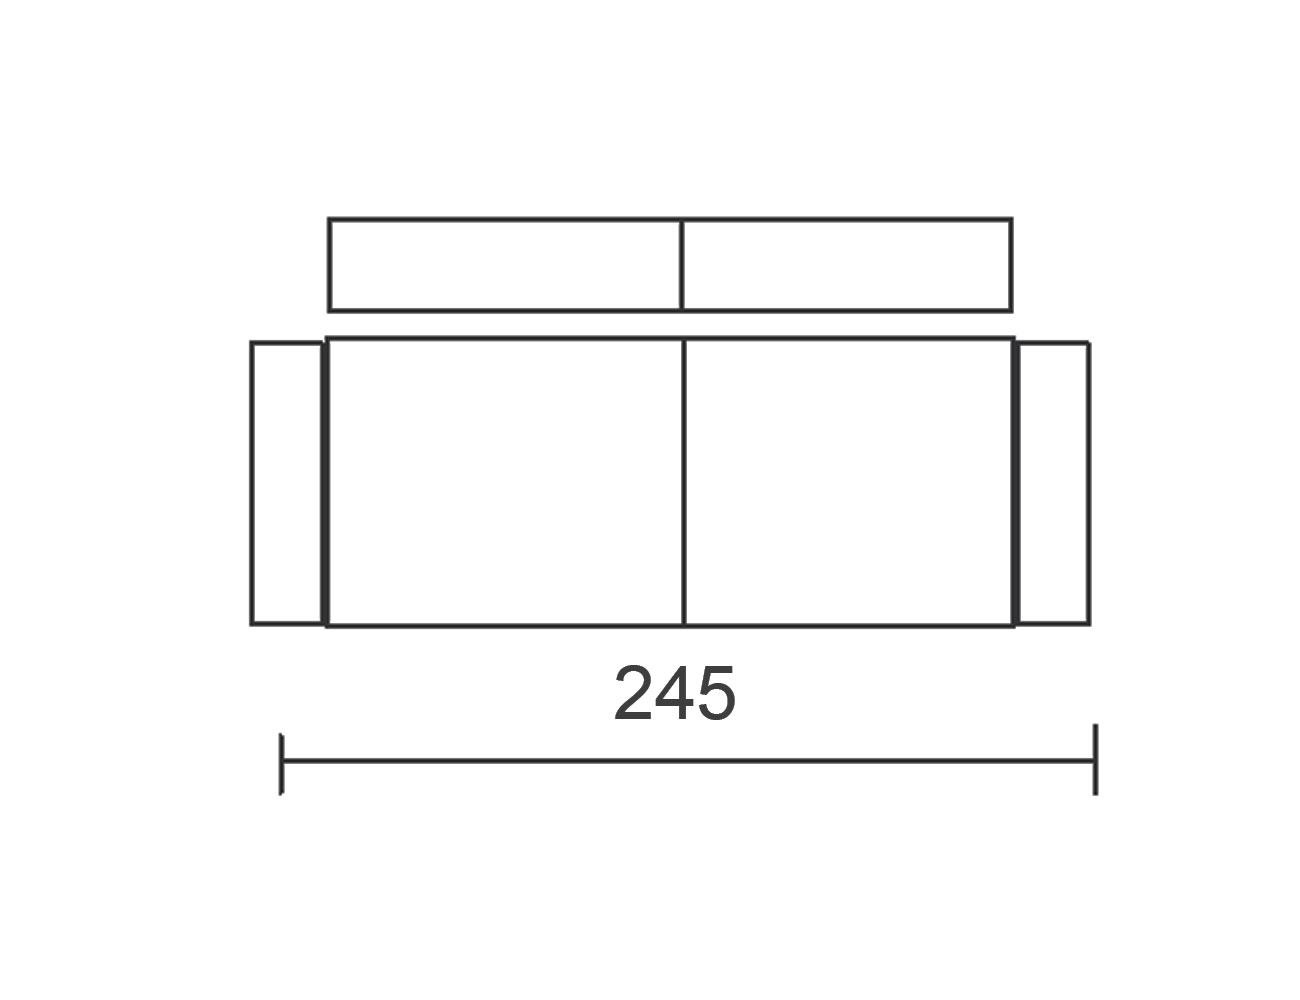 Modulo 2454